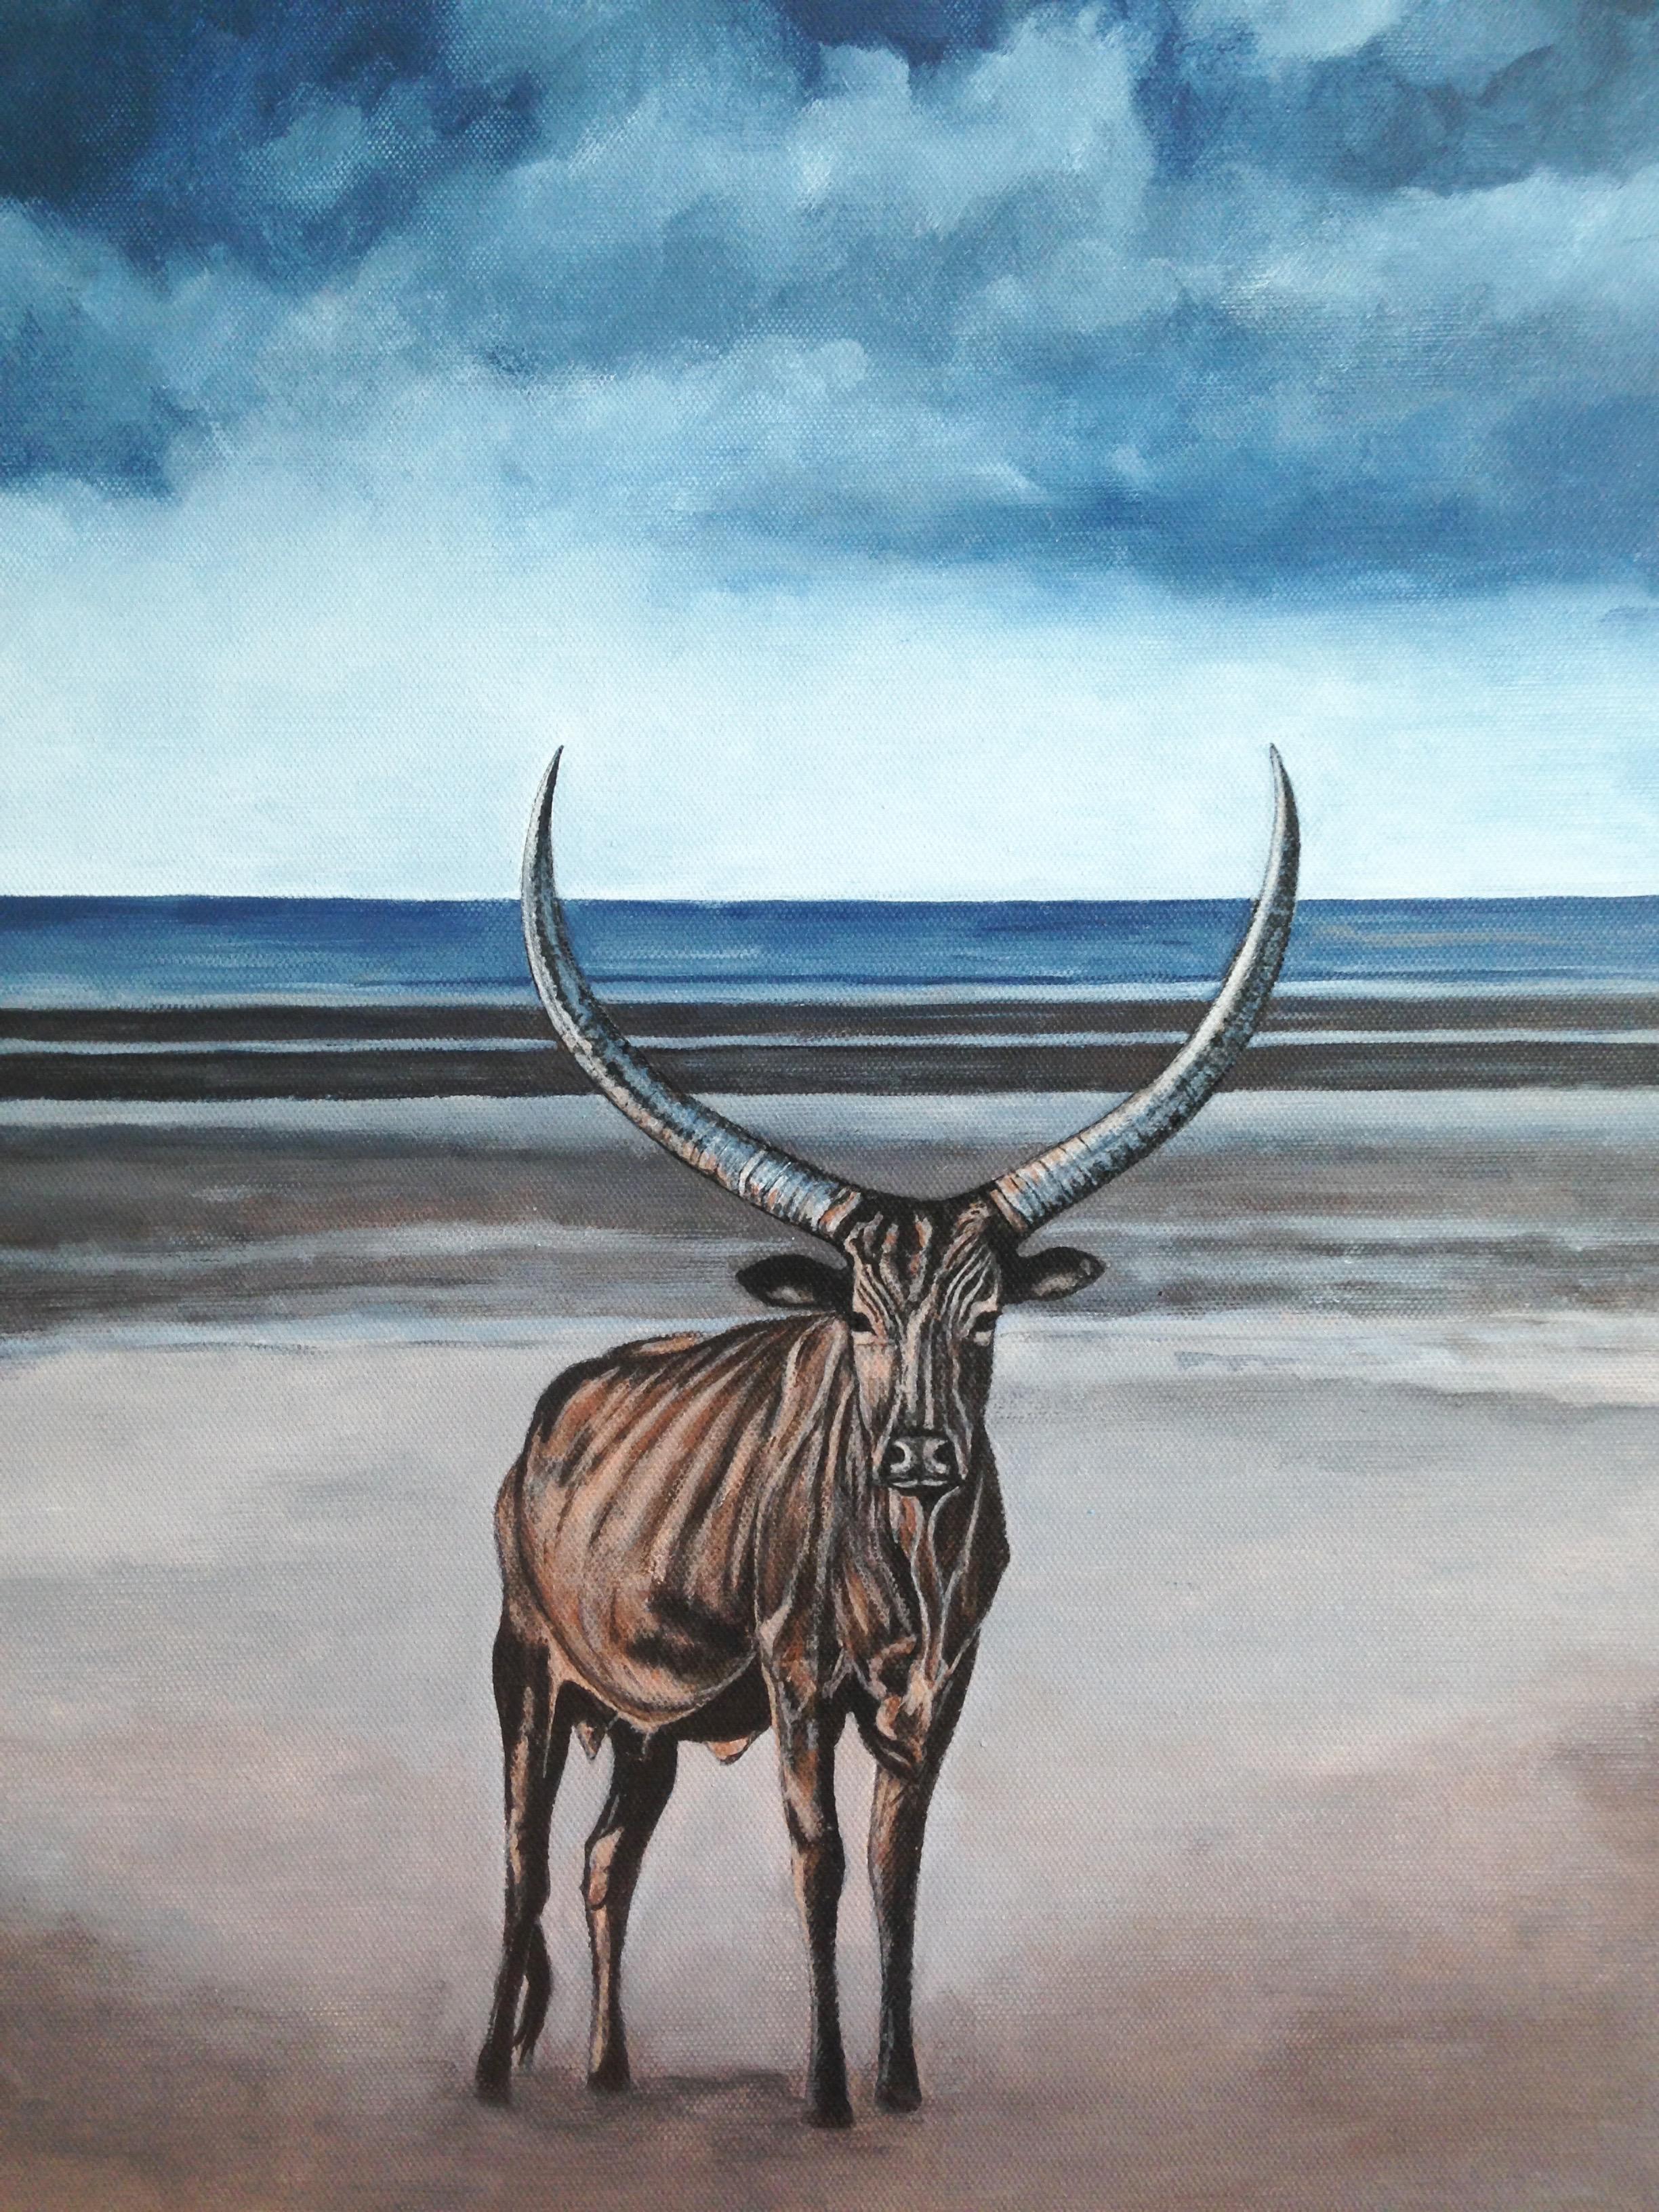 zebu on the beach, 14''x18'', acrylic on canvas, 2016